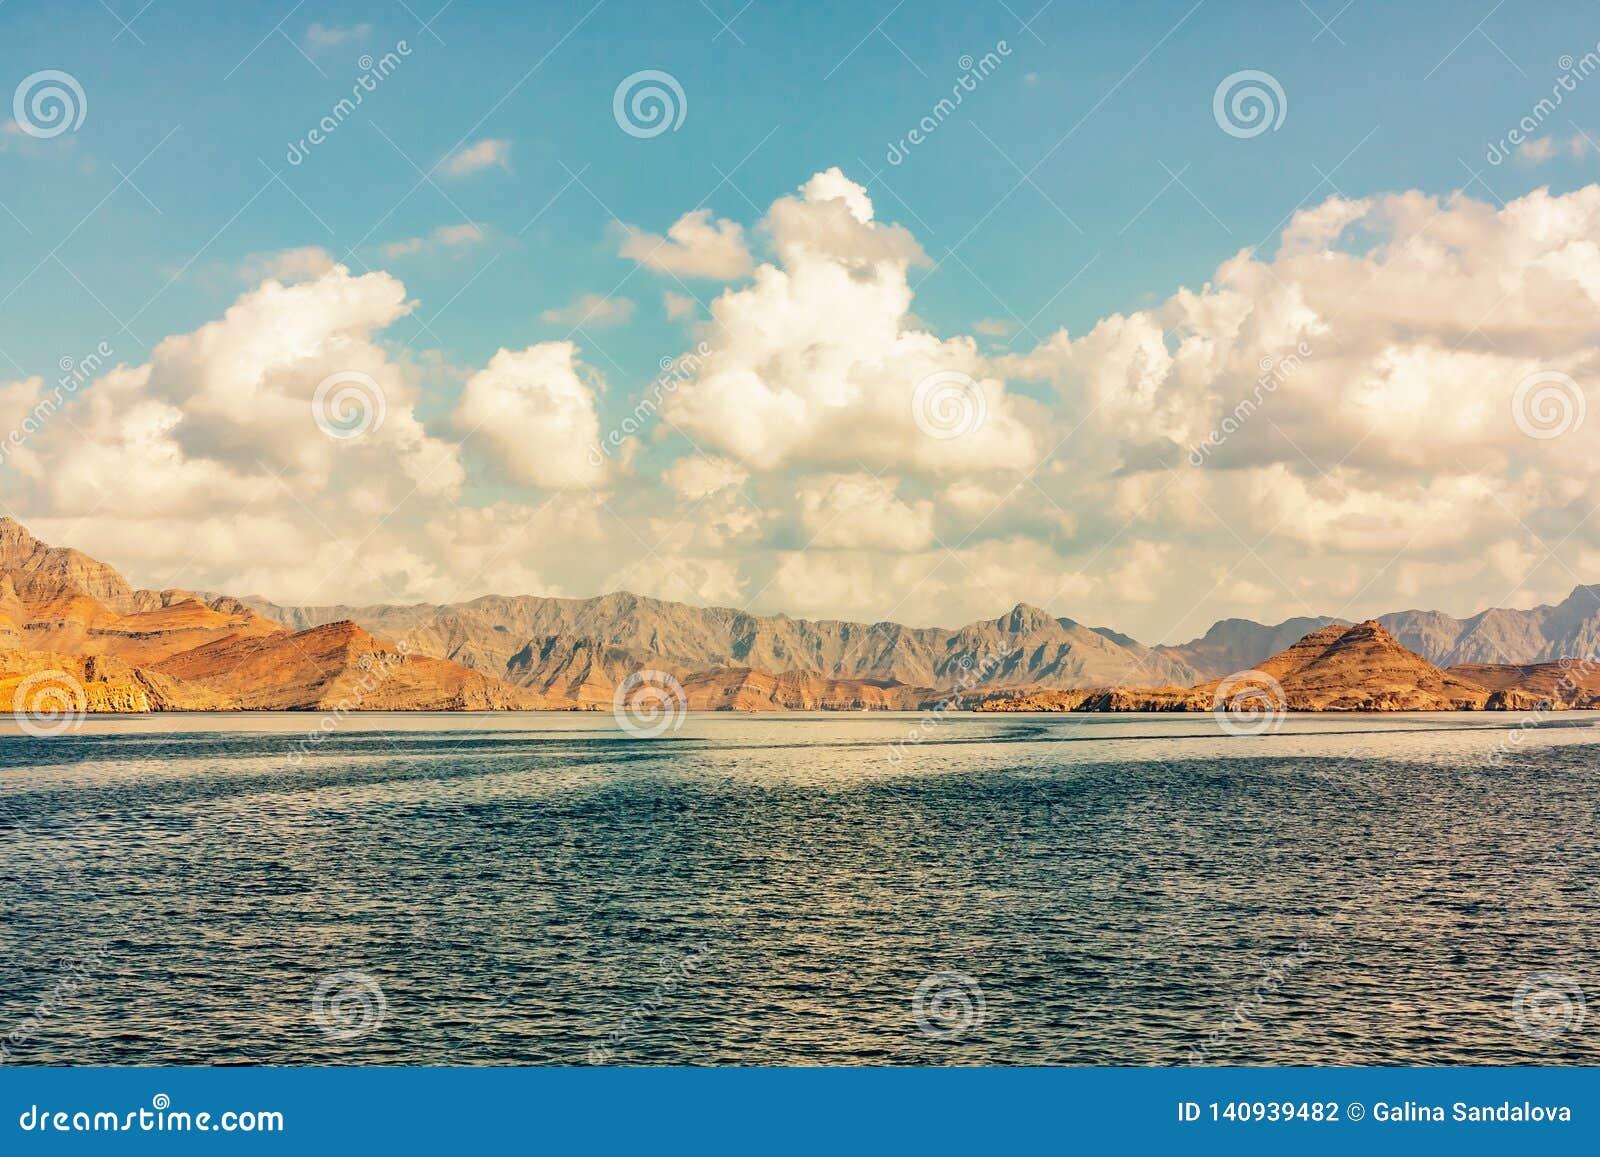 Meer und felsige Ufer in den Fjorden des Golfs von Oman, Panoramablick